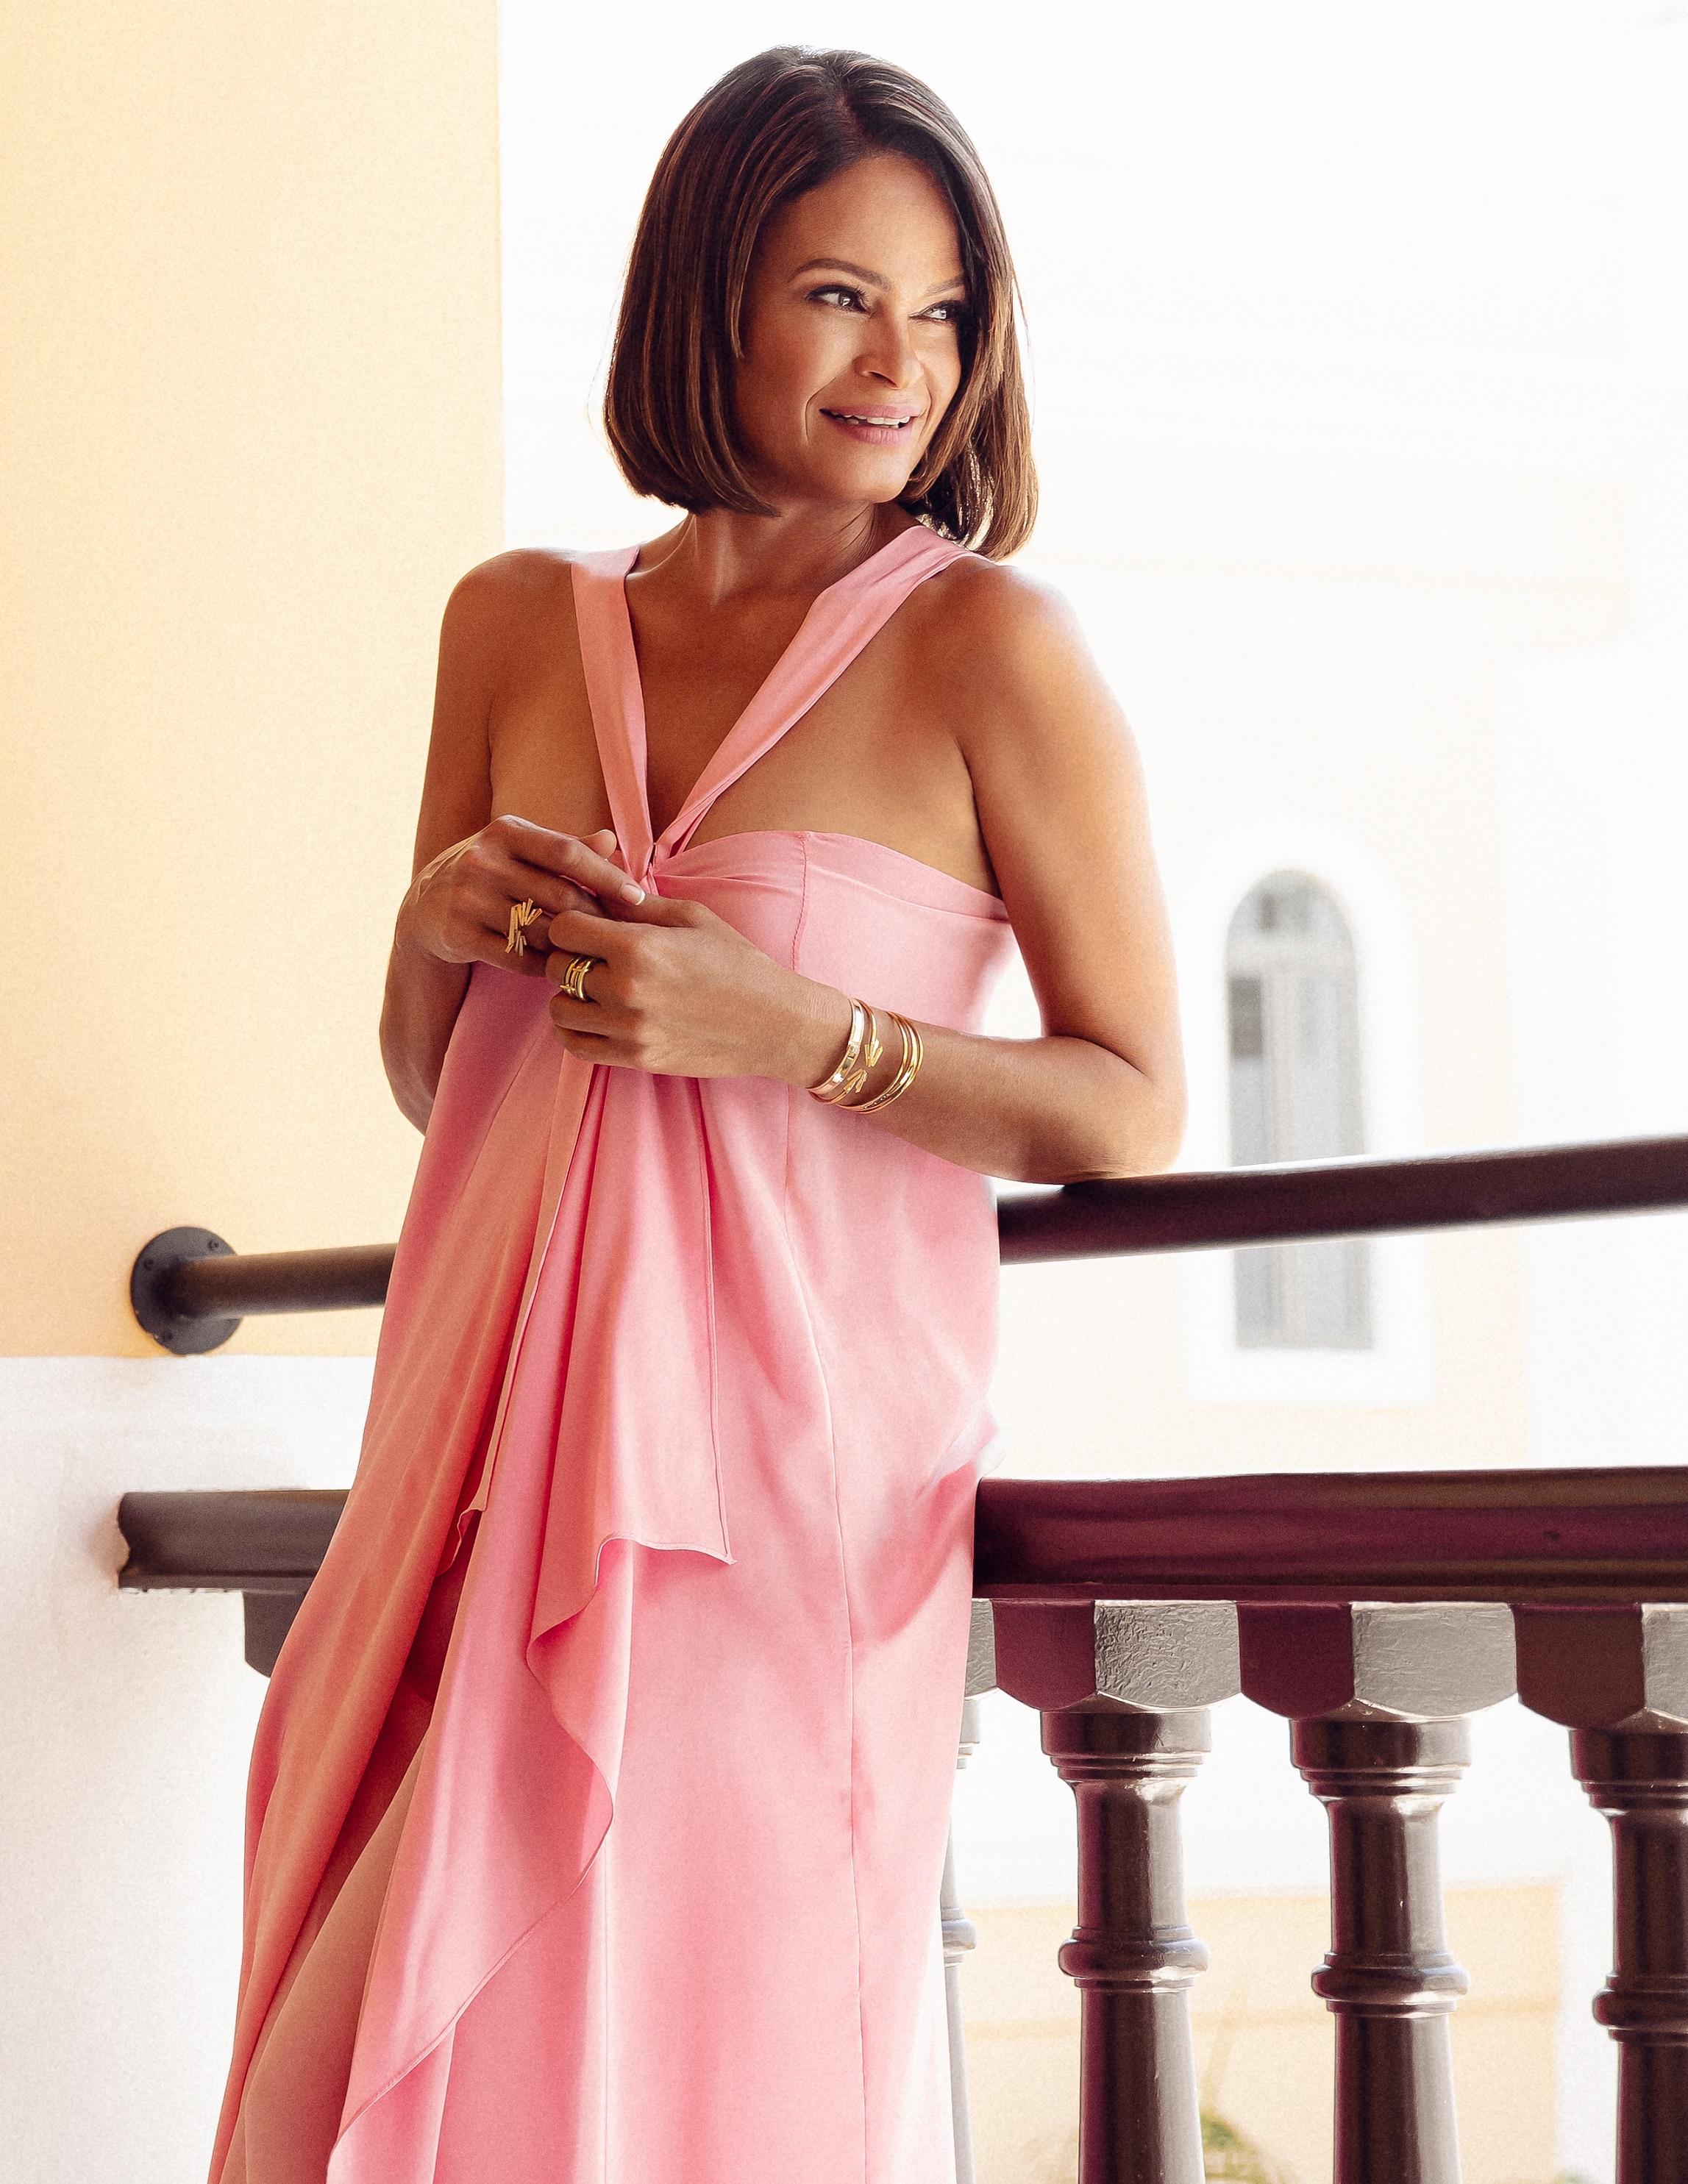 Rosa Lourdes comenzó en el mundo del modelaje durante la adolescencia, por lo que ambos embarazos los vivió mientras se paseaba por las pasarelas de los diseñadores más cotizados de finales de los 80 y principios de los 90. Moda: conjunto rosado de David Antonio y joyería de Reinhold Jewelers. (Nolan Rivera)